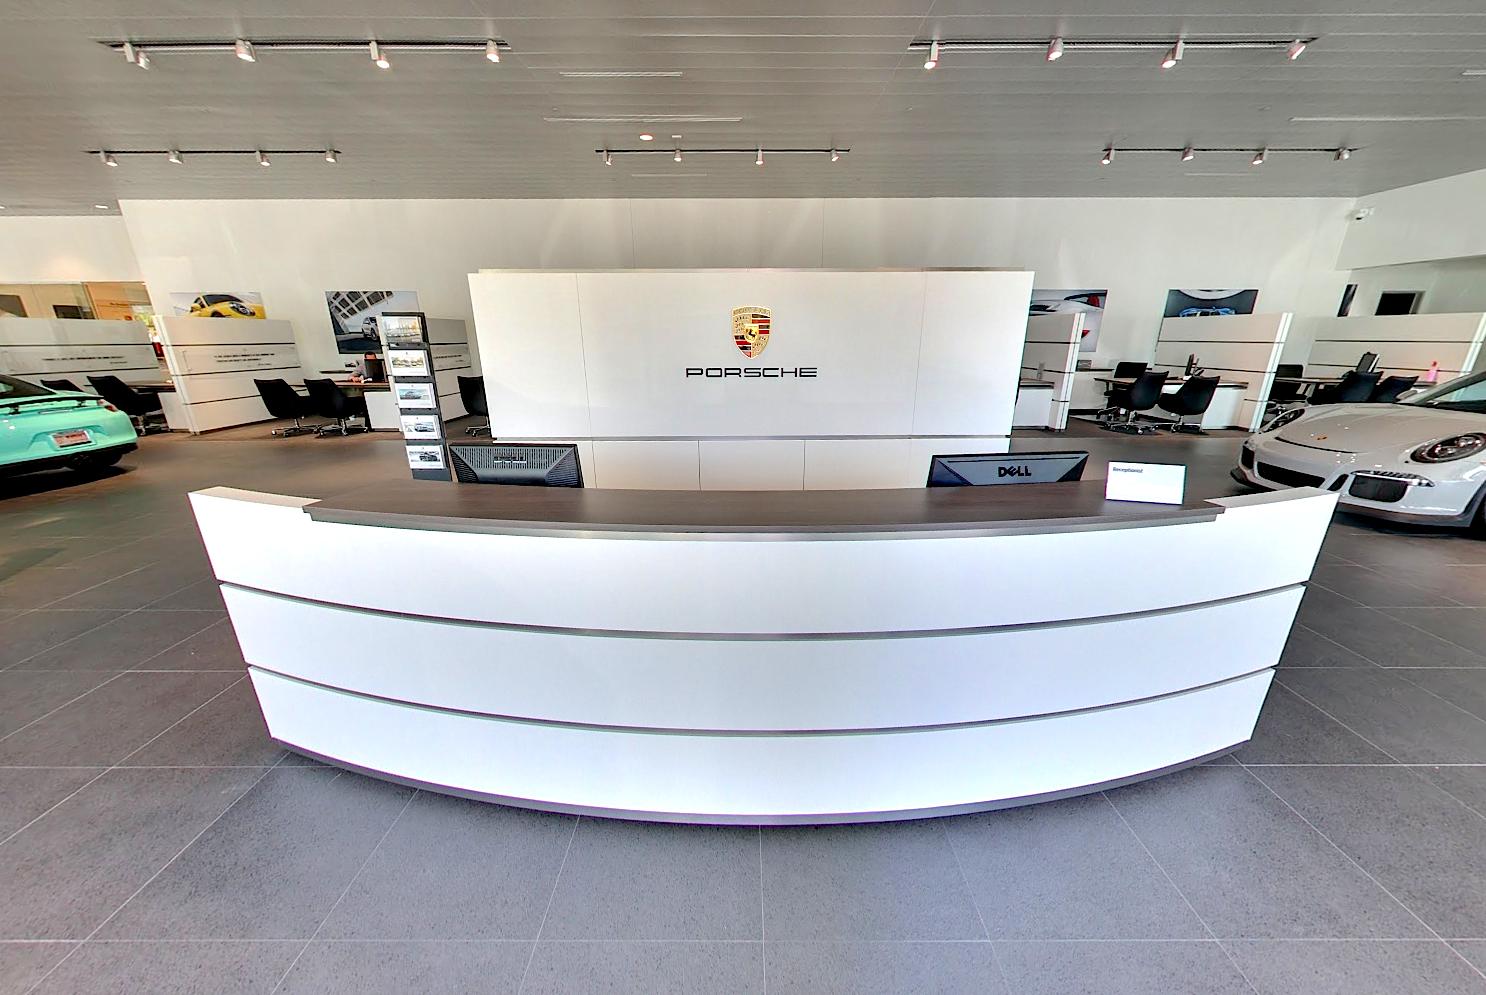 Walters Porsche 13.png